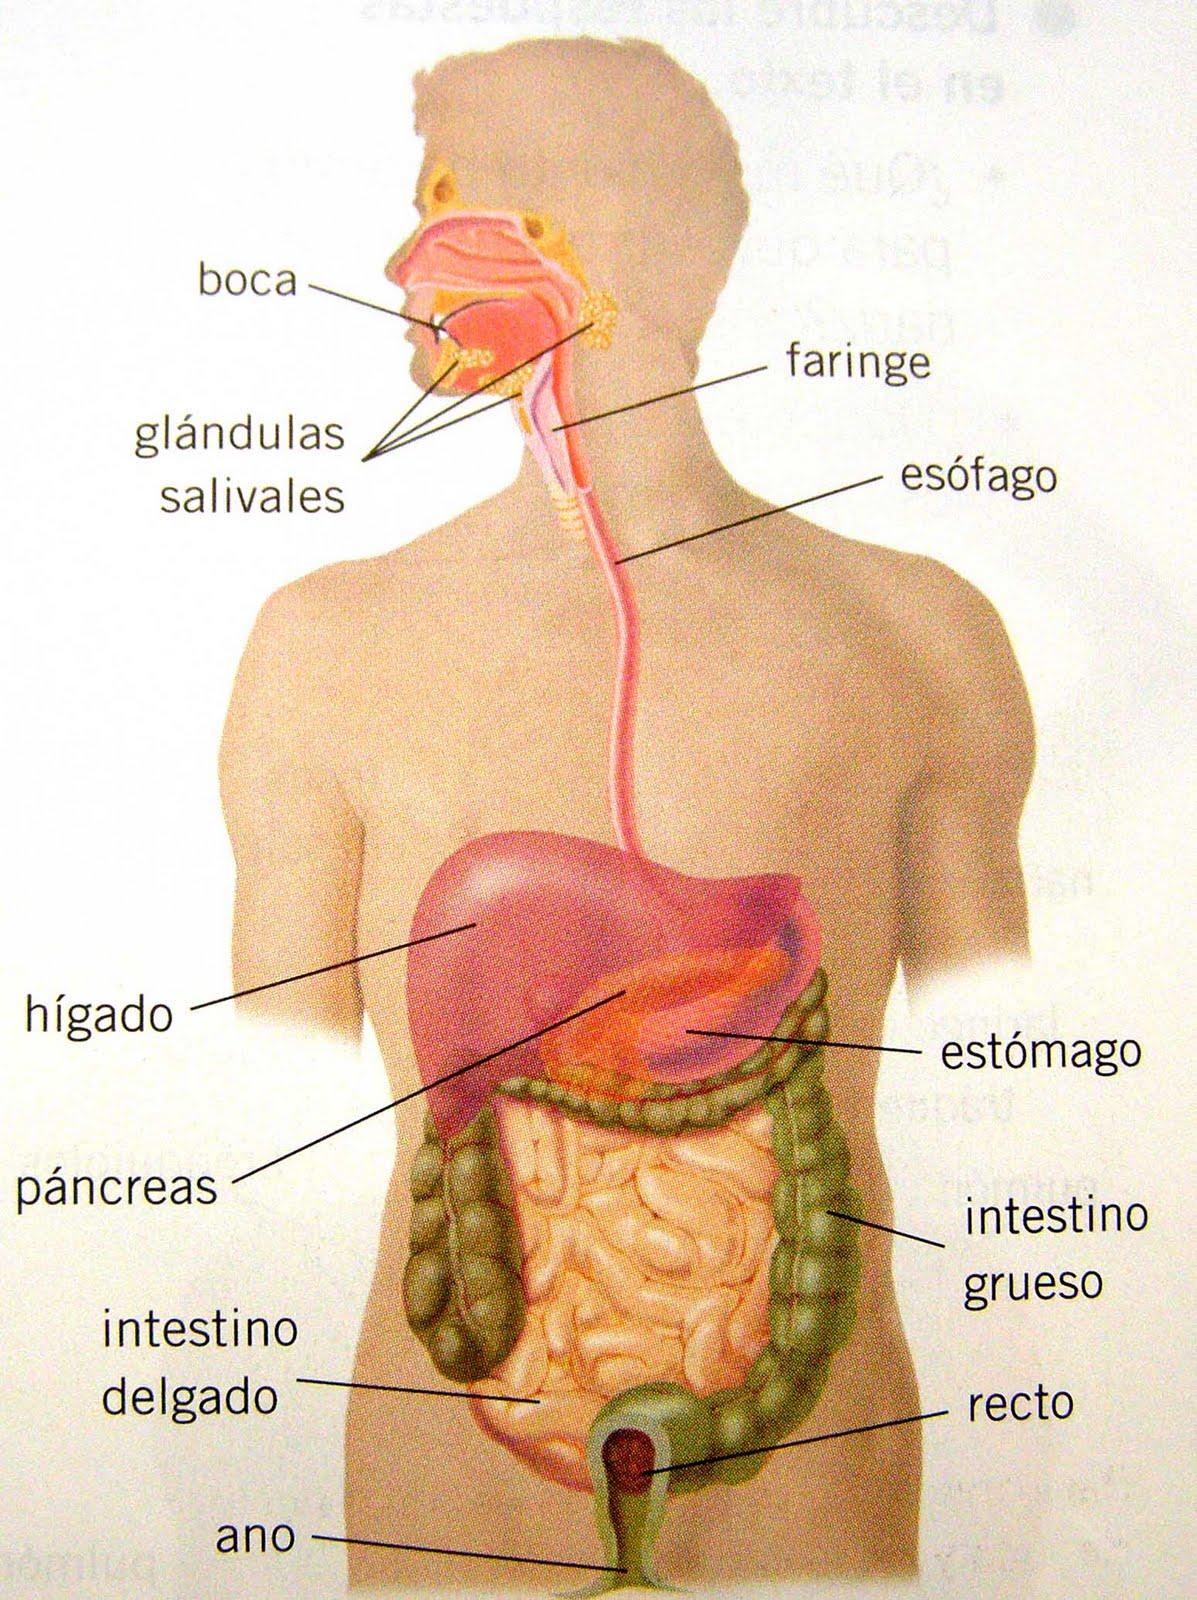 Educación Física en la Red: Órganos del aparato digestivo